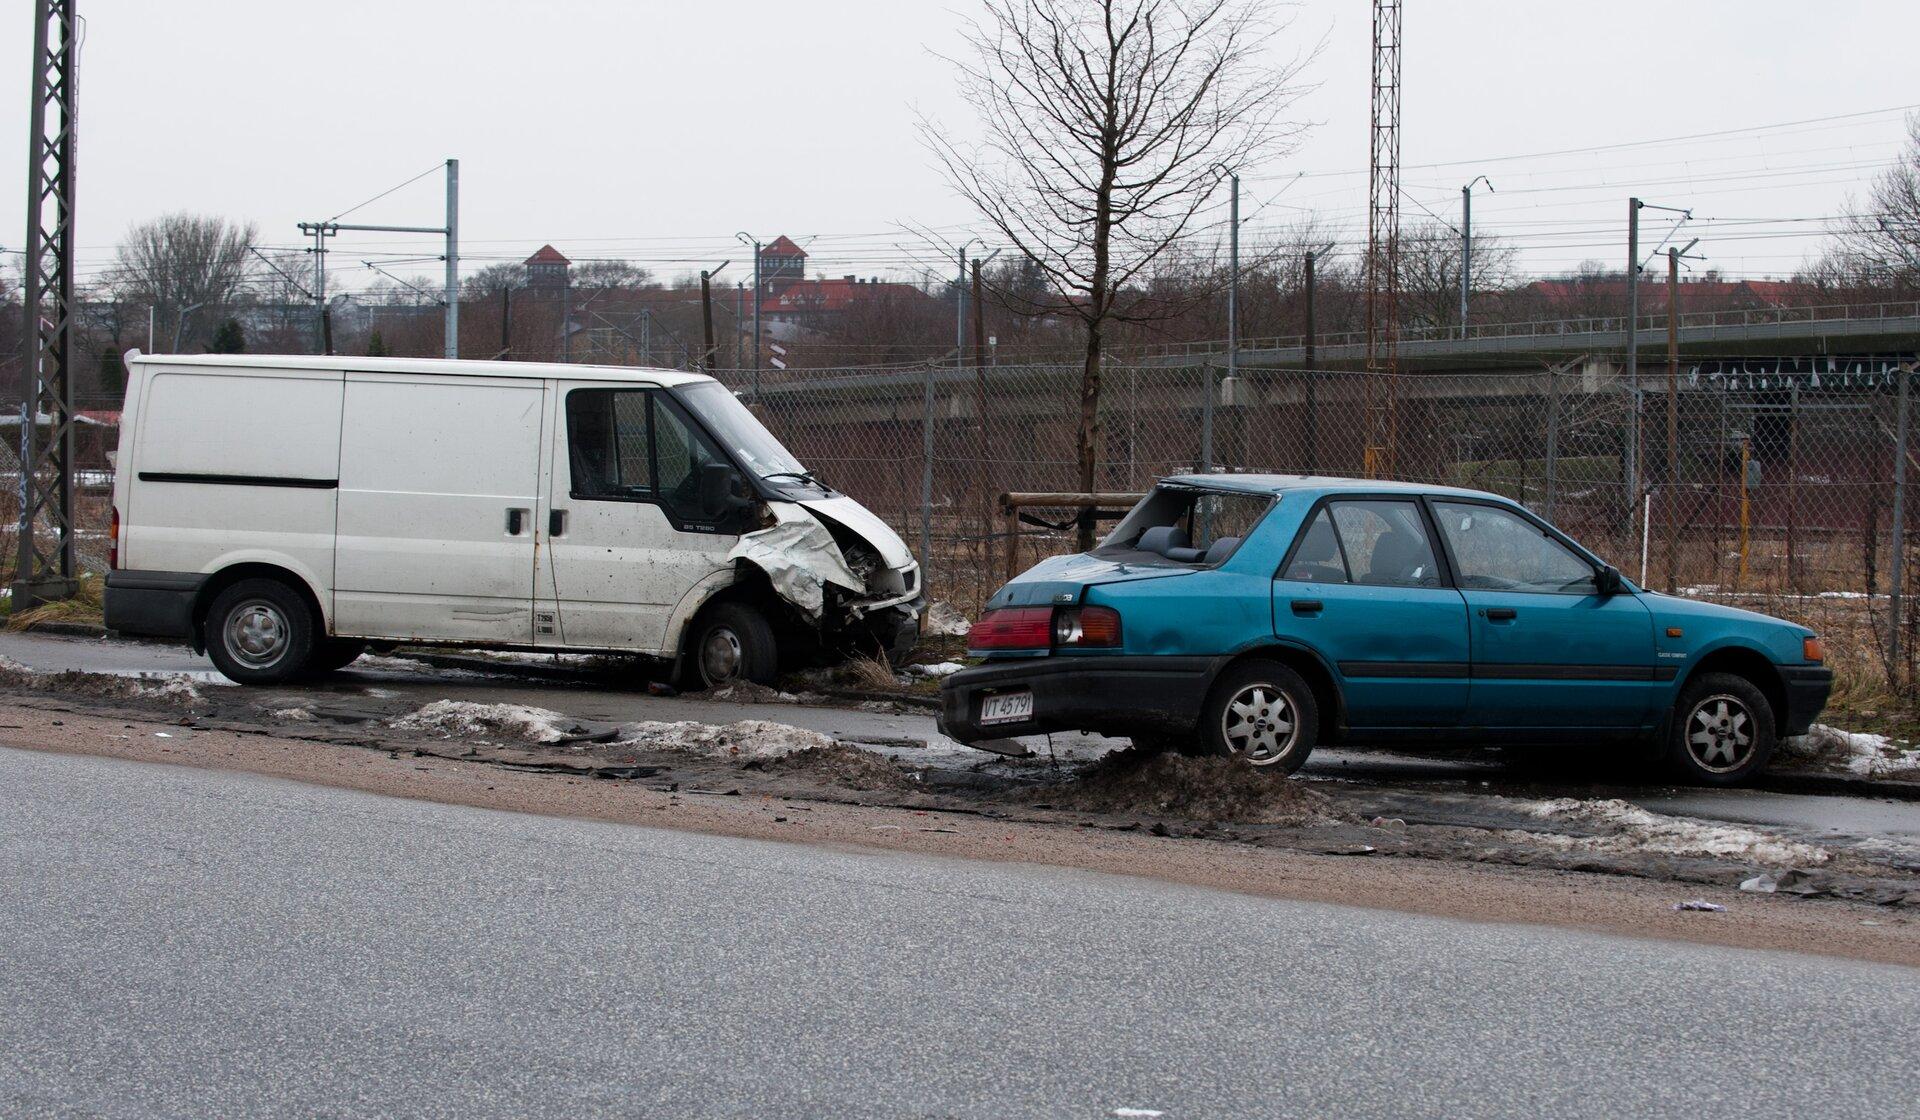 Zdjęcie przedstawia wypadek drogowy wmiesiącach zimowych lub wtrakcie przedwiośnia, na co wskazują resztki śniegu na drodze. Na pierwszym planie, wdole zdjęcia, asfaltowa ulica. Za ulicą, na poboczu, dwa rozbite auta. Po lewej stronie kadru mniej więcej równolegle do ulicy stoi biała furgonetka. Rozbity przód furgonetki znajduje się wcentrum kadru, podobnie jak rozbita tylna część niebieskiego samochodu osobowego. Furgonetka ma zniszczone prawe przednie nadkole imniej więcej połowę maski, atakże uszkodzone boczne lusterko. Samochód osobowy, stojący na prawo od furgonetki został uderzony wtył, ma wybitą tylną szybę, rozbite tylne światła ioderwany zlewej strony zderzak. Pojazd stoi wpoprzek chodnika.